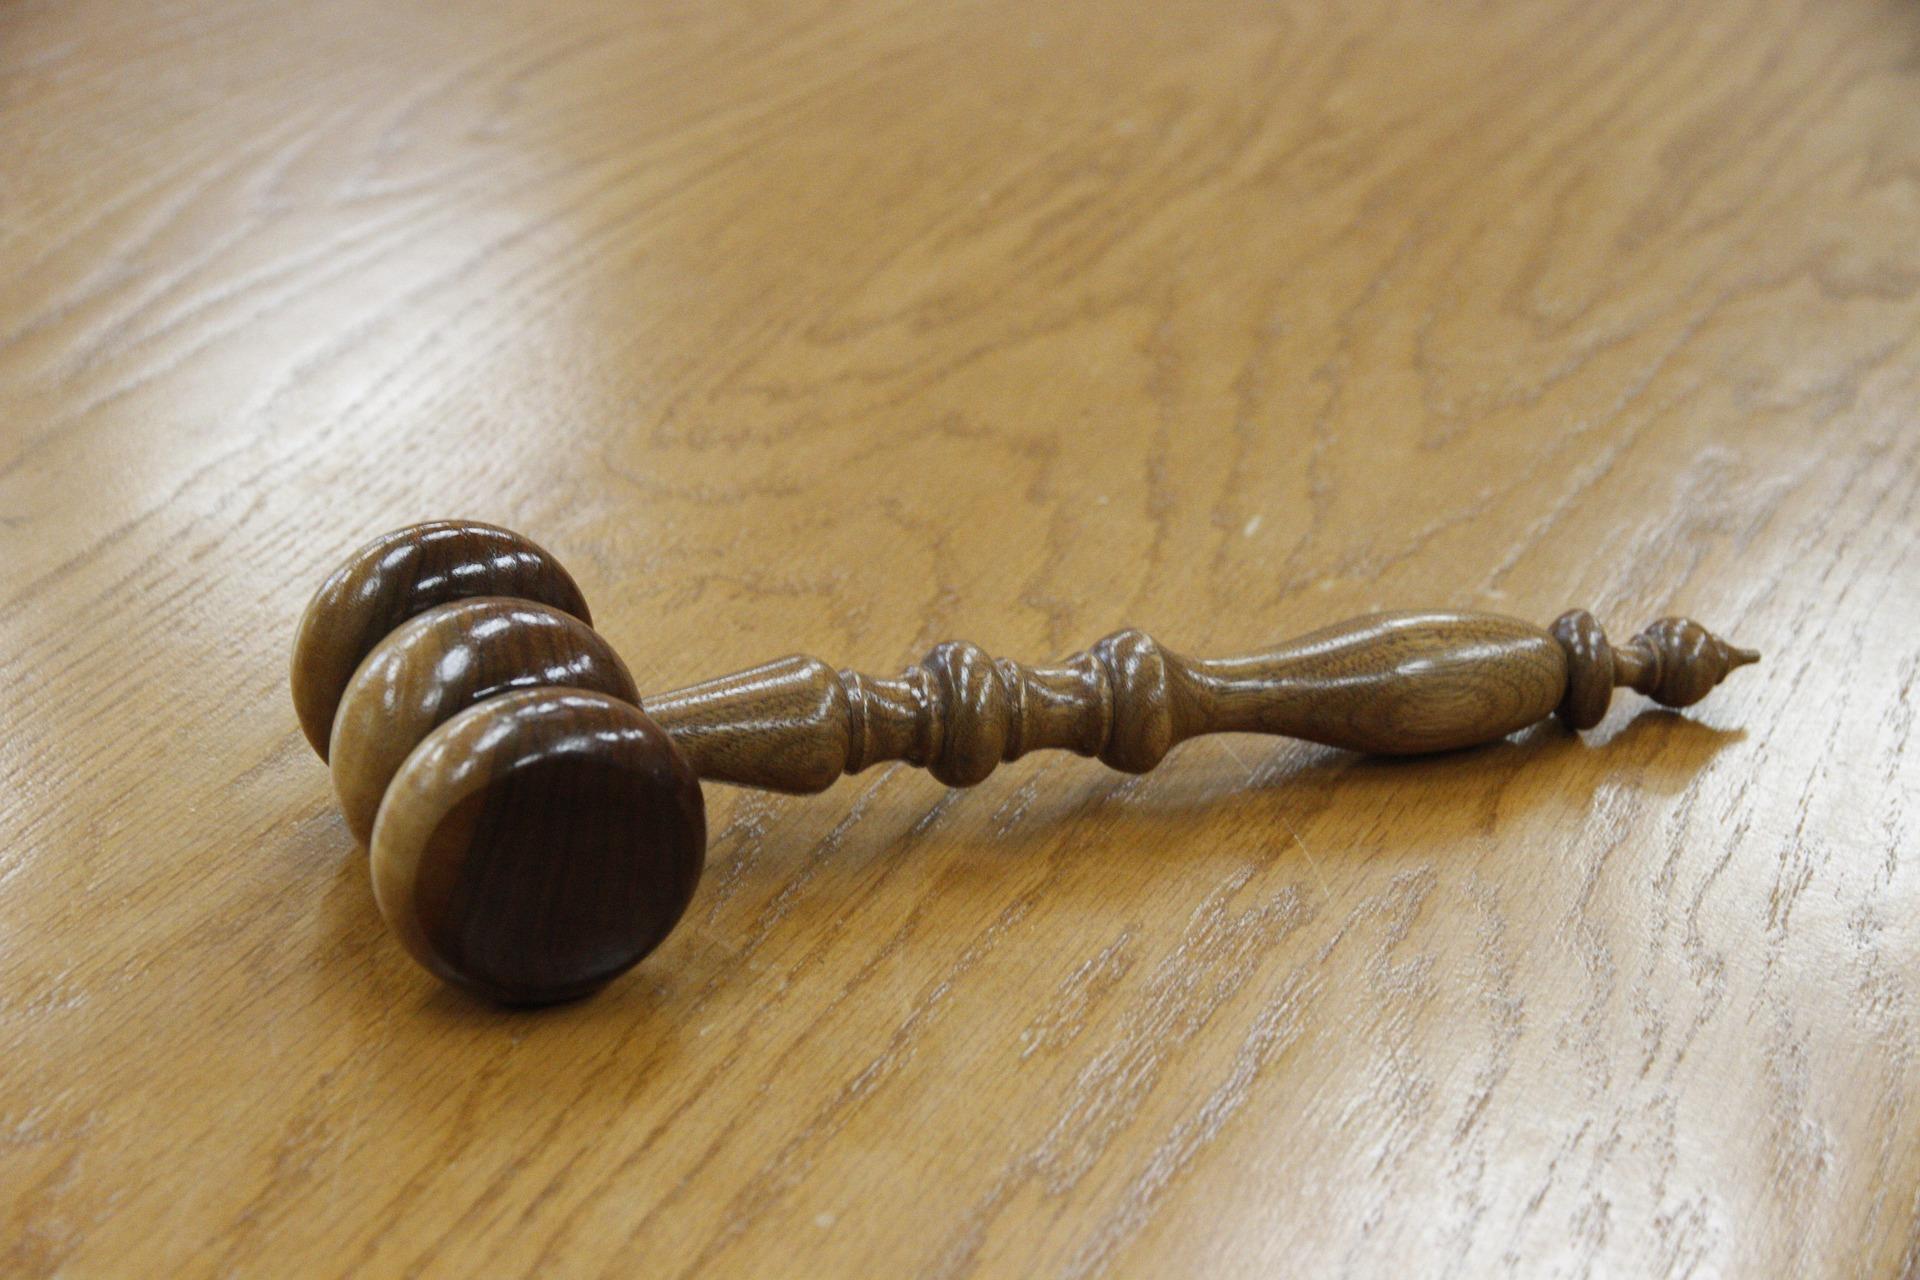 Компетентен съд при успоредни съдебни производства.